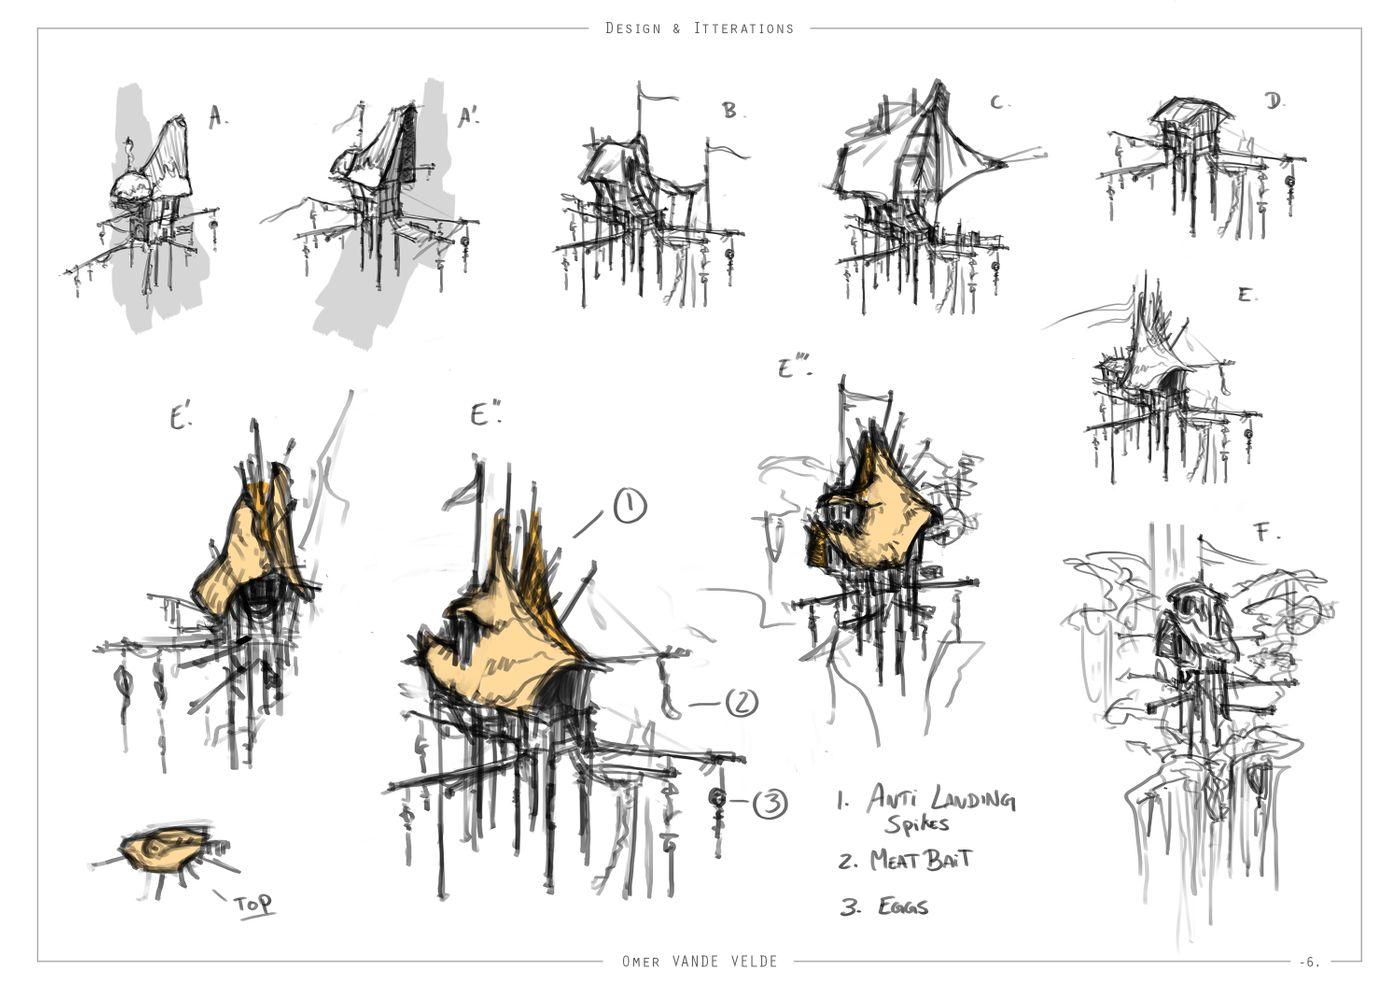 7 Design 1 Omervandevelde